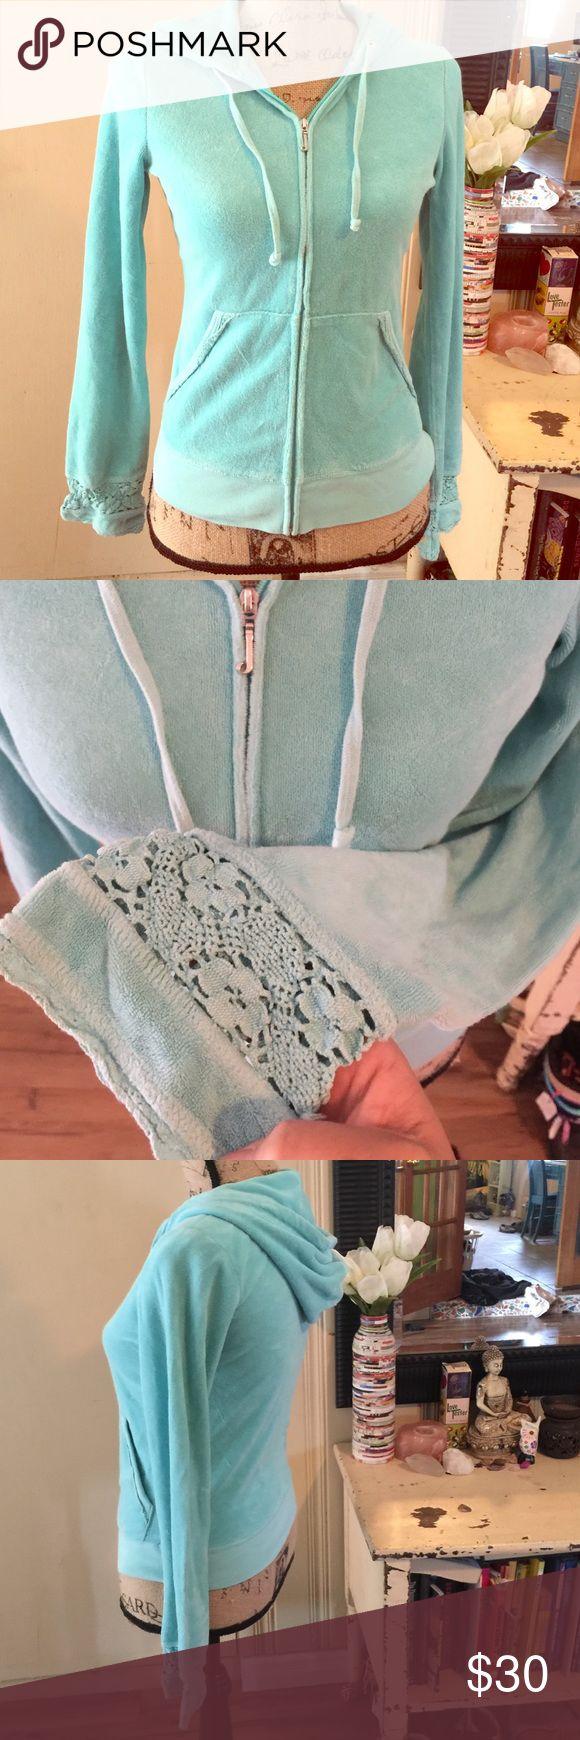 Juicy crochet zip up hoodie Size medium cute hippy style hoodie - fitted style Juicy Couture Tops Sweatshirts & Hoodies